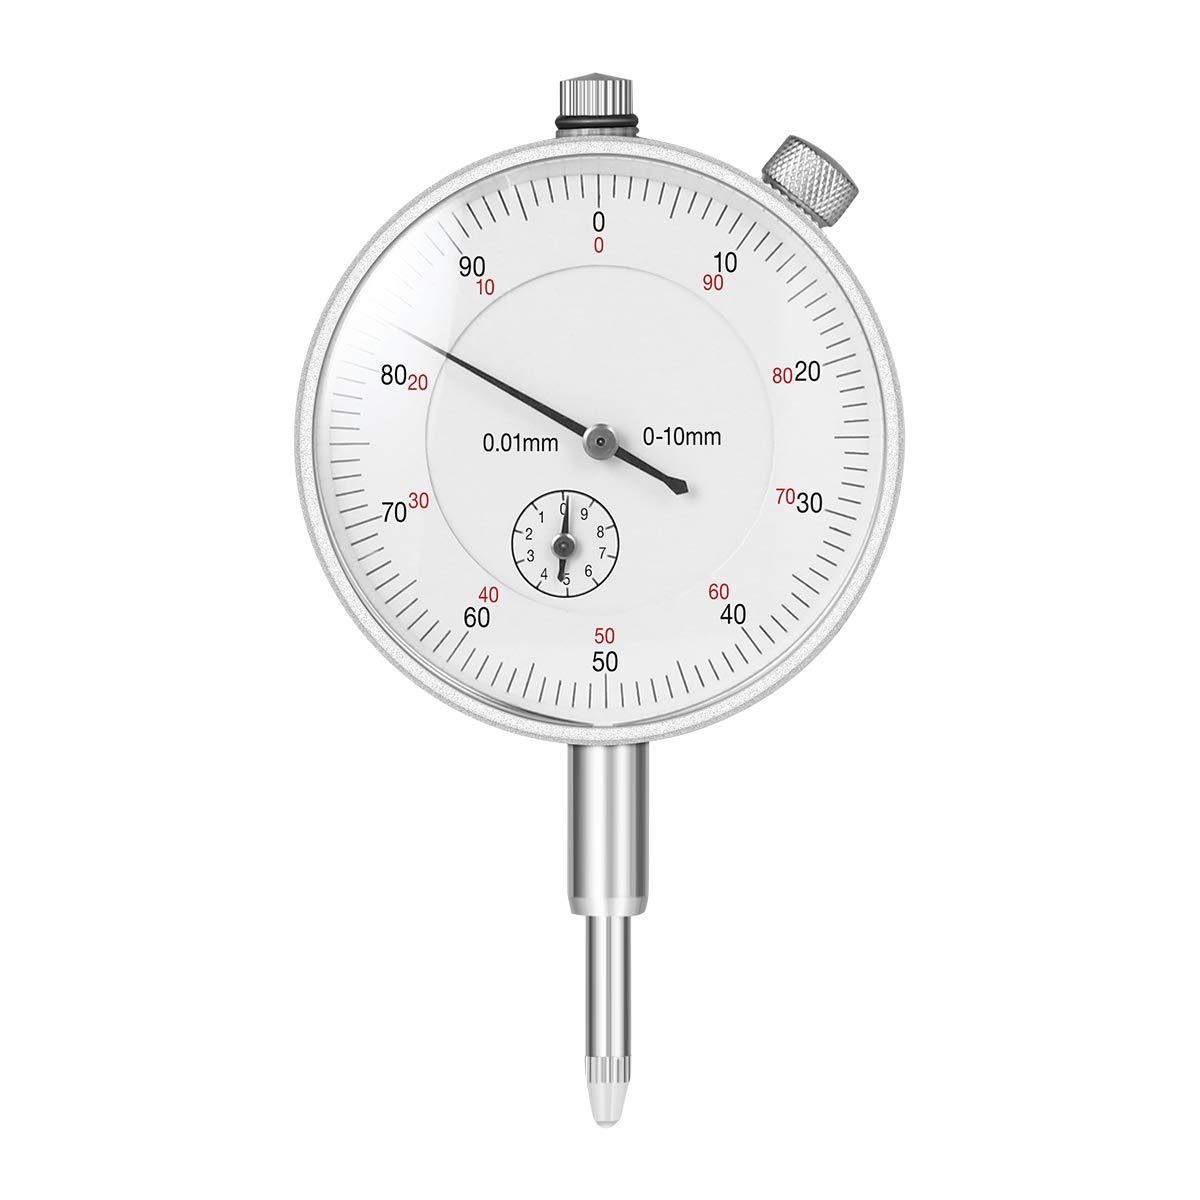 Argent UEETEK lubrification Gobelet /à sonde dCadran Test Plage de mesure 0 10/mm Dial Test Indicator